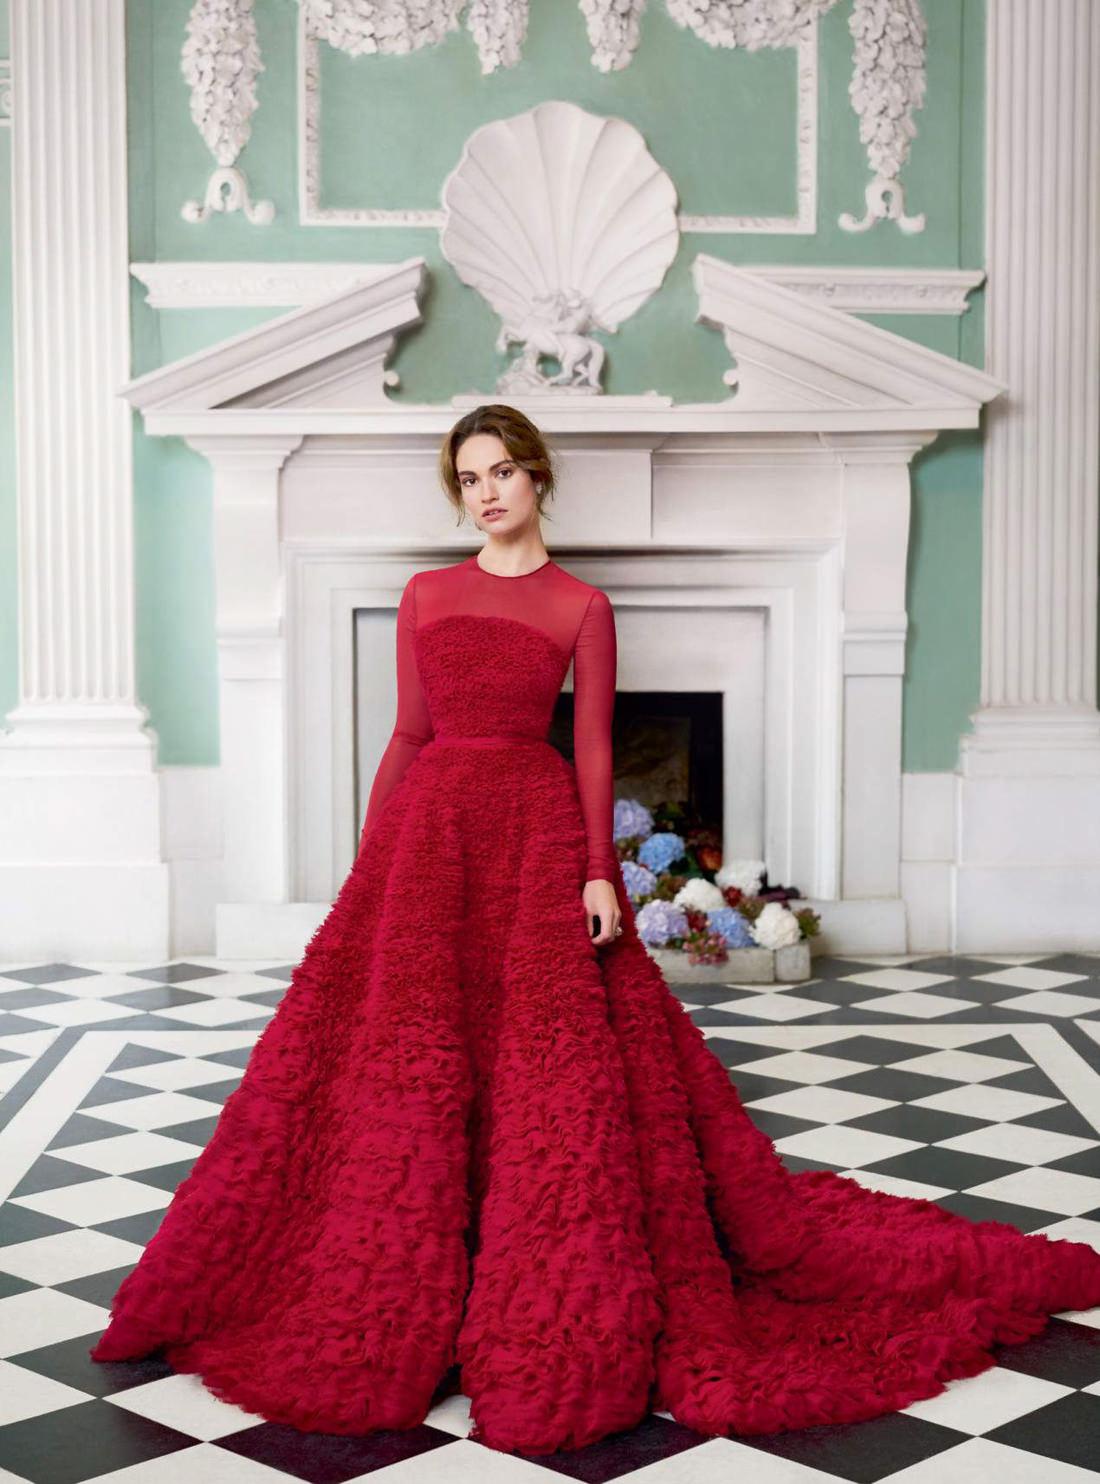 платье из шелкового шифона, Ralph & Russo; серьги из платины и бриллиантов, Tiffany & Co; кольцо из белого и розового золота, сапфиров и бриллиантов, Chanel Fine Jewellery